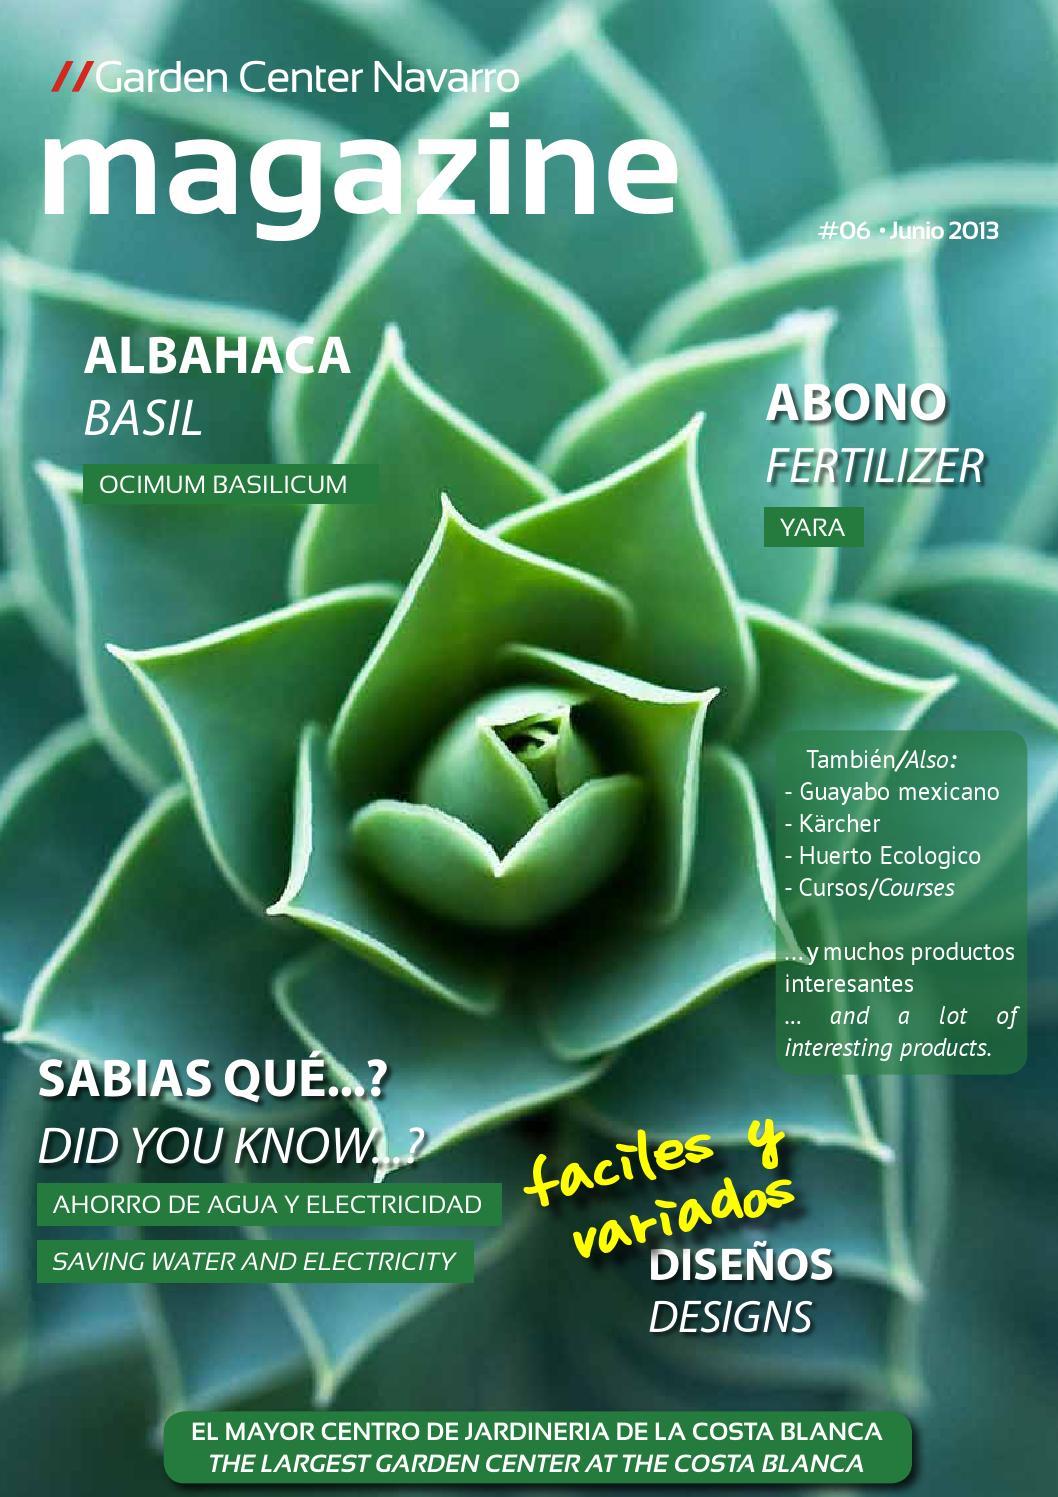 Garden center navarro magazine 6 by garden center navarro for Jardineria navarro